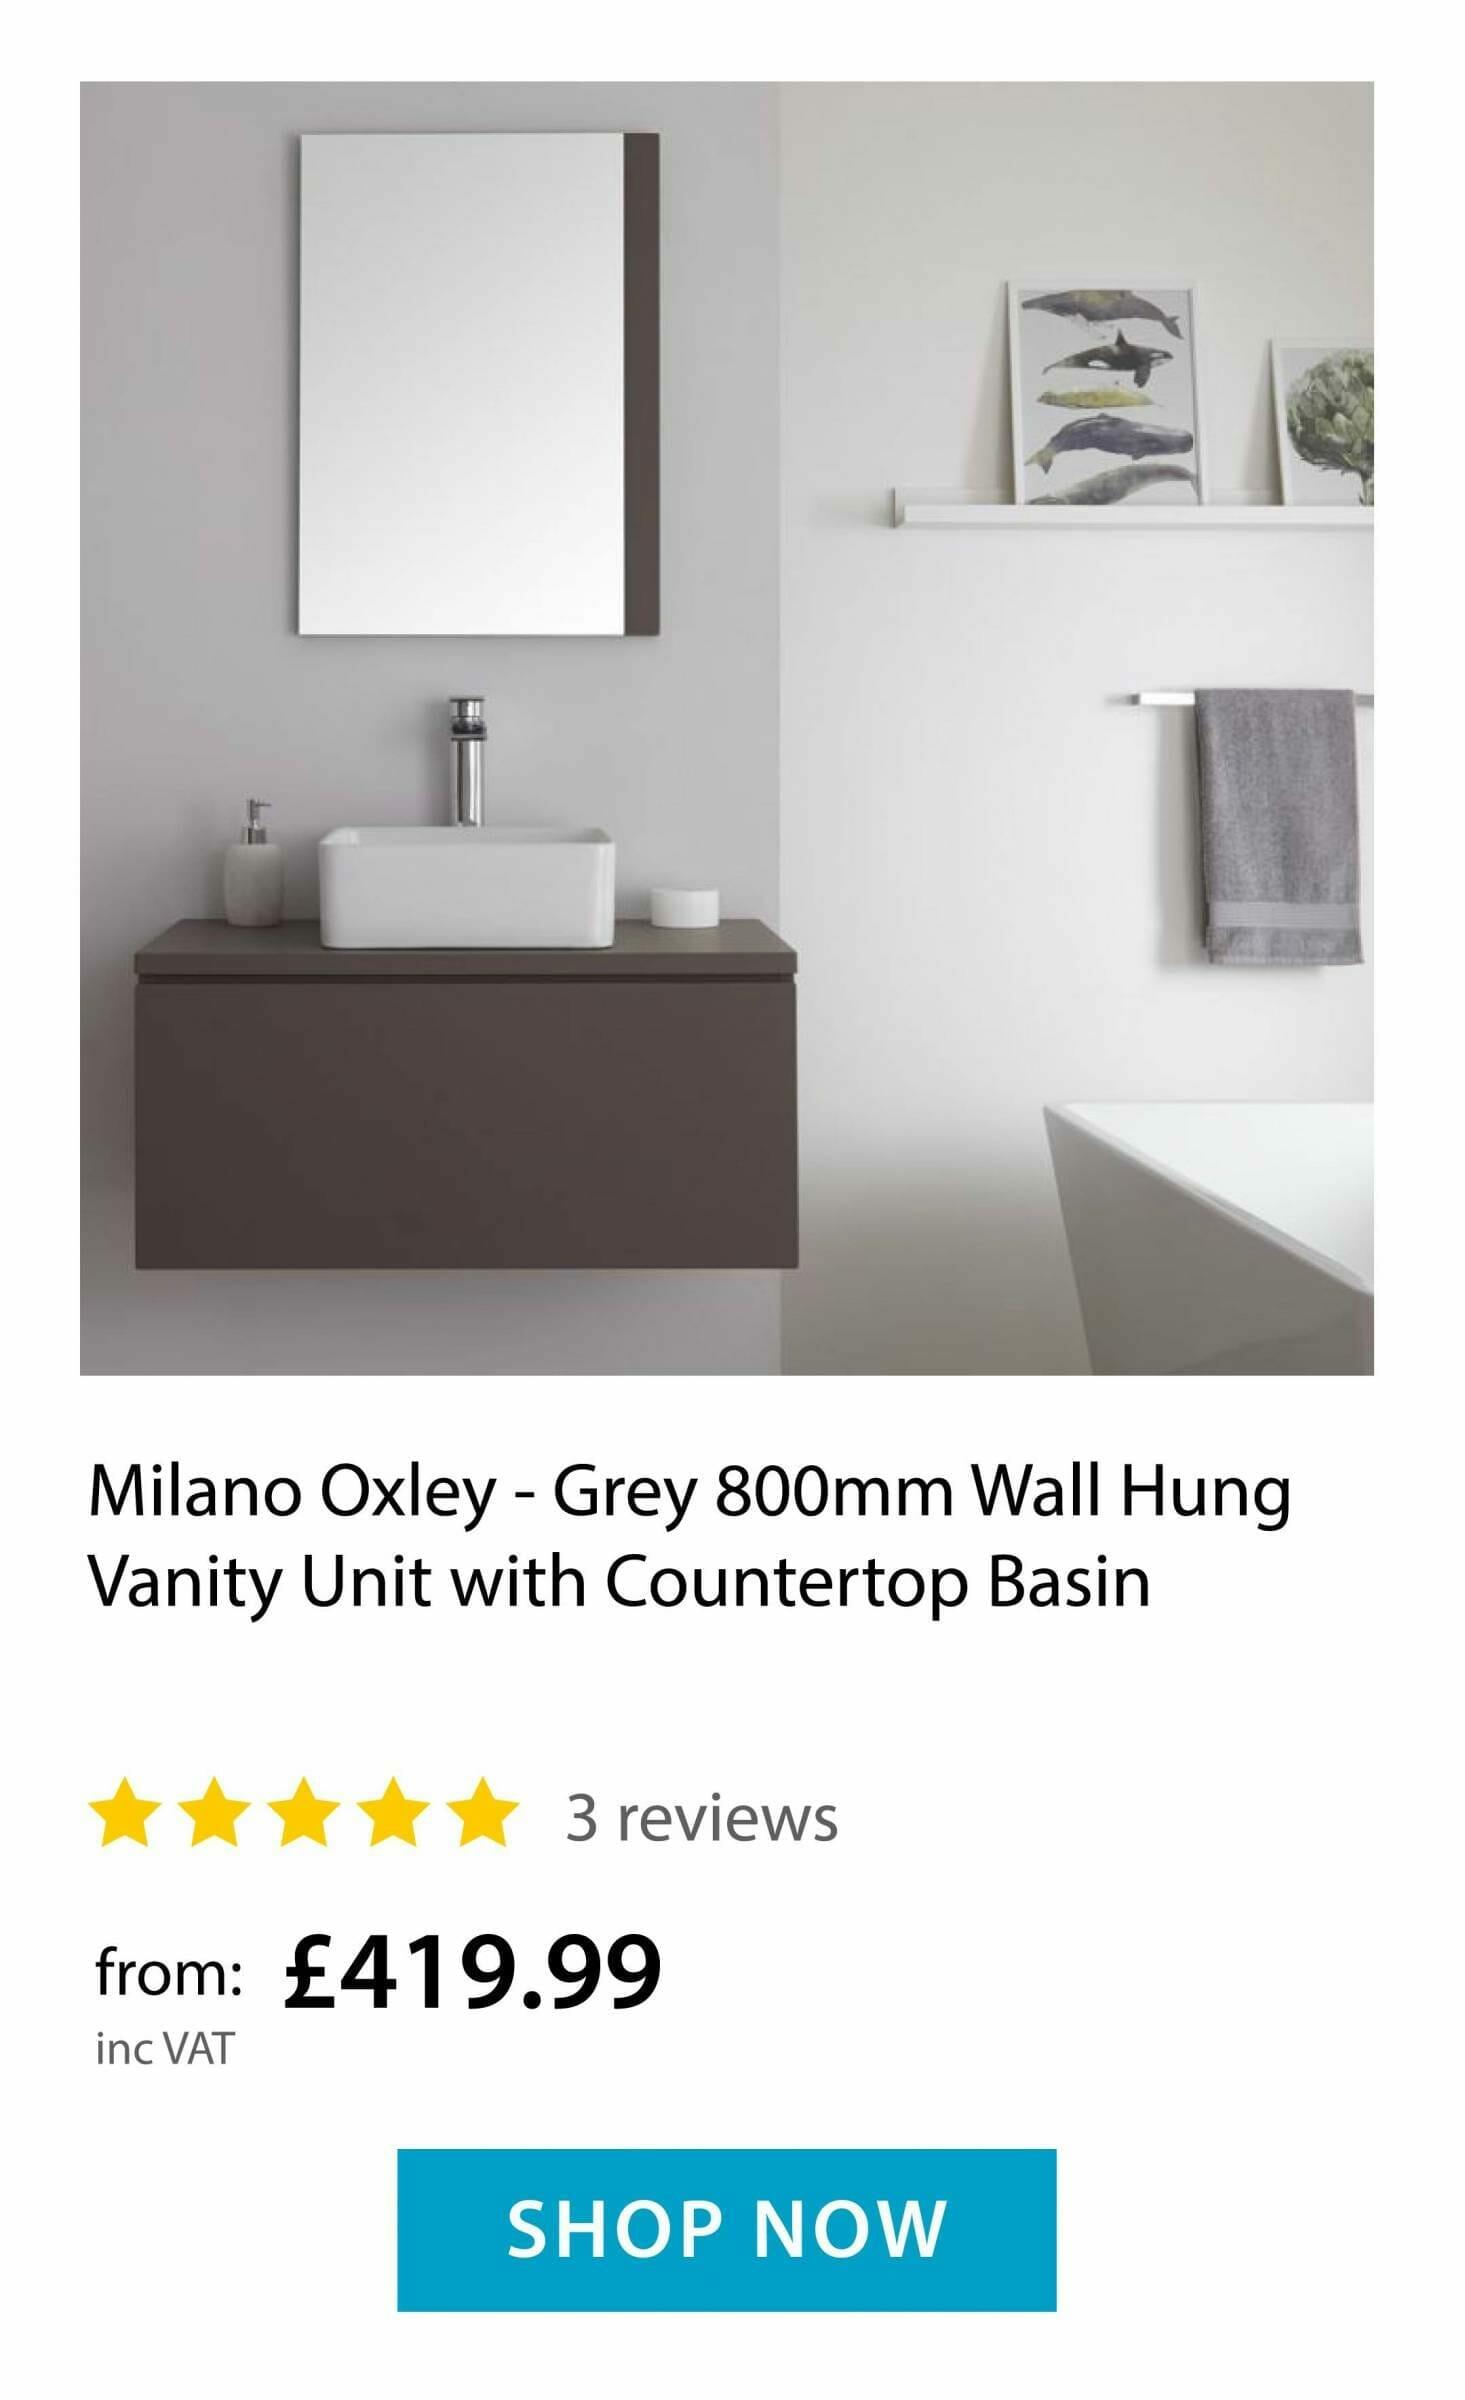 Milano Oxley - wall hung vanity unit